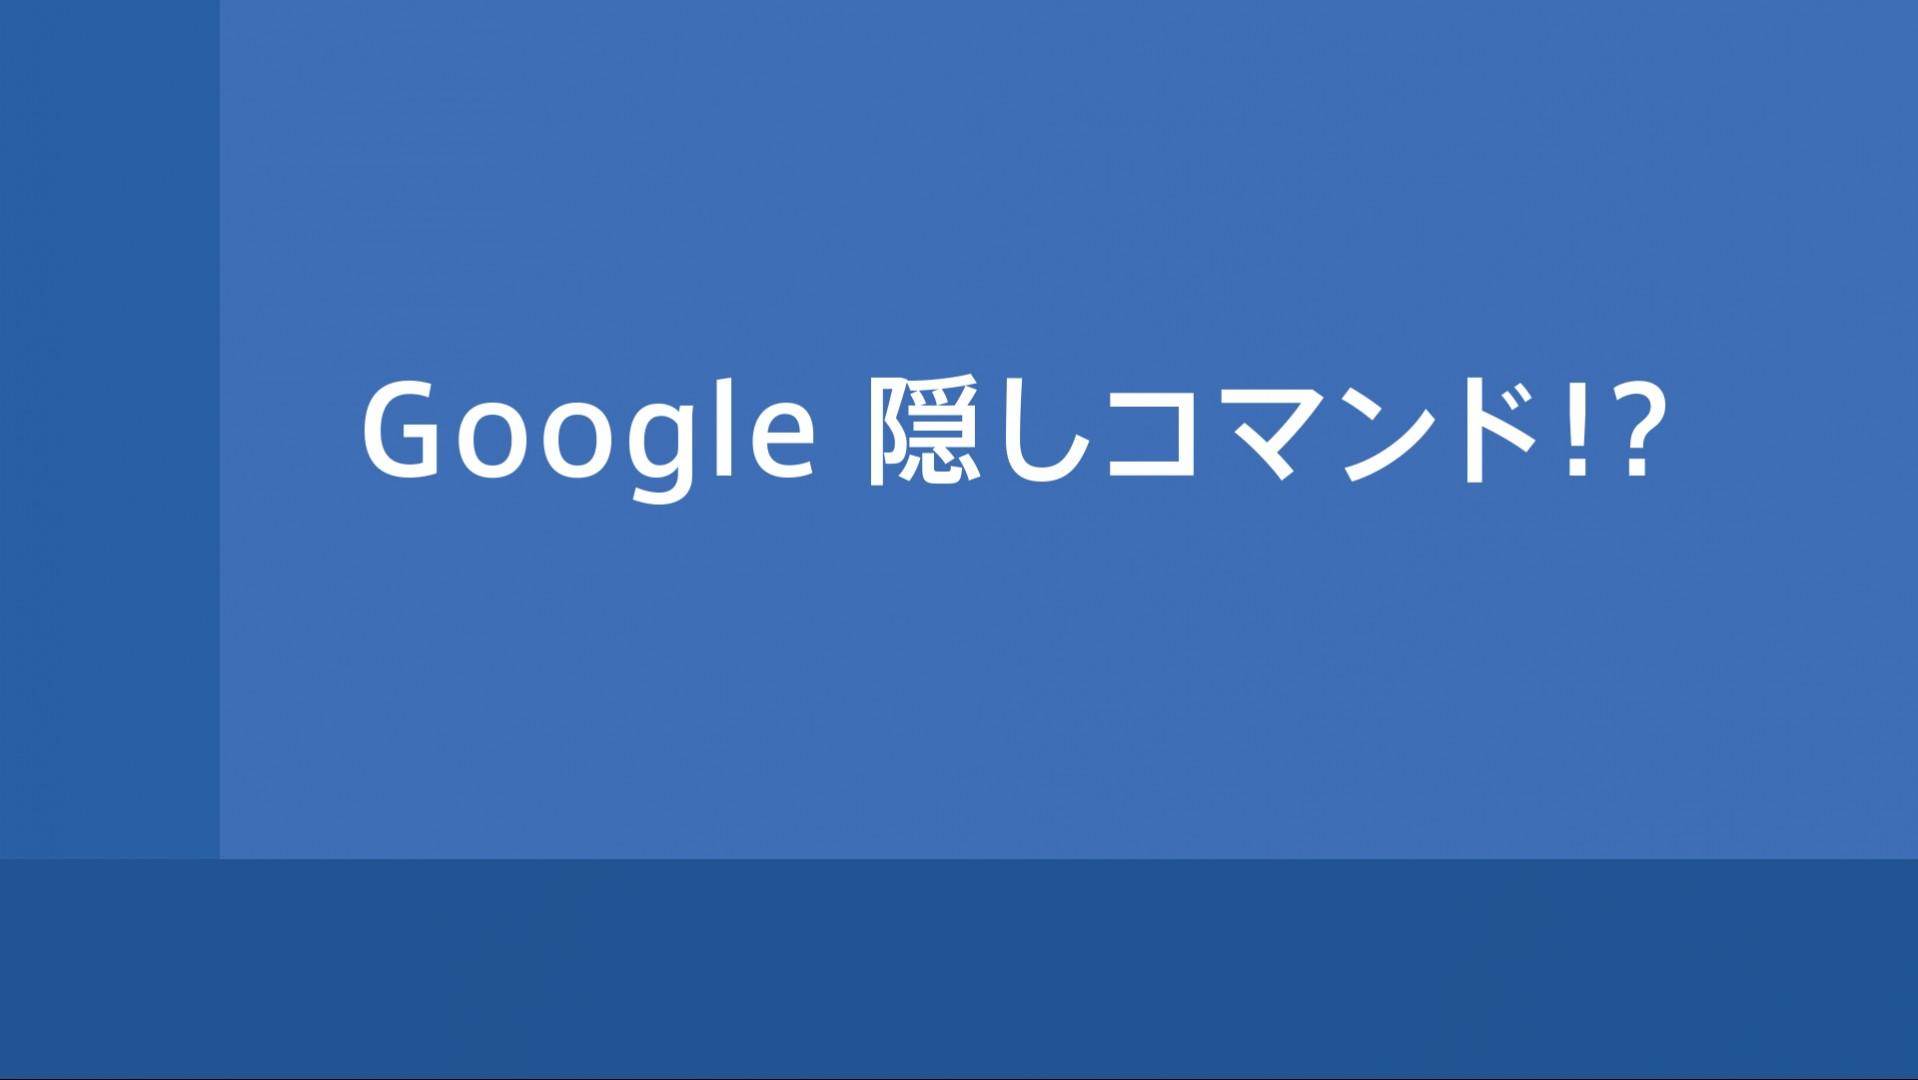 Google 隠しコマンド 検索結果が崩壊する